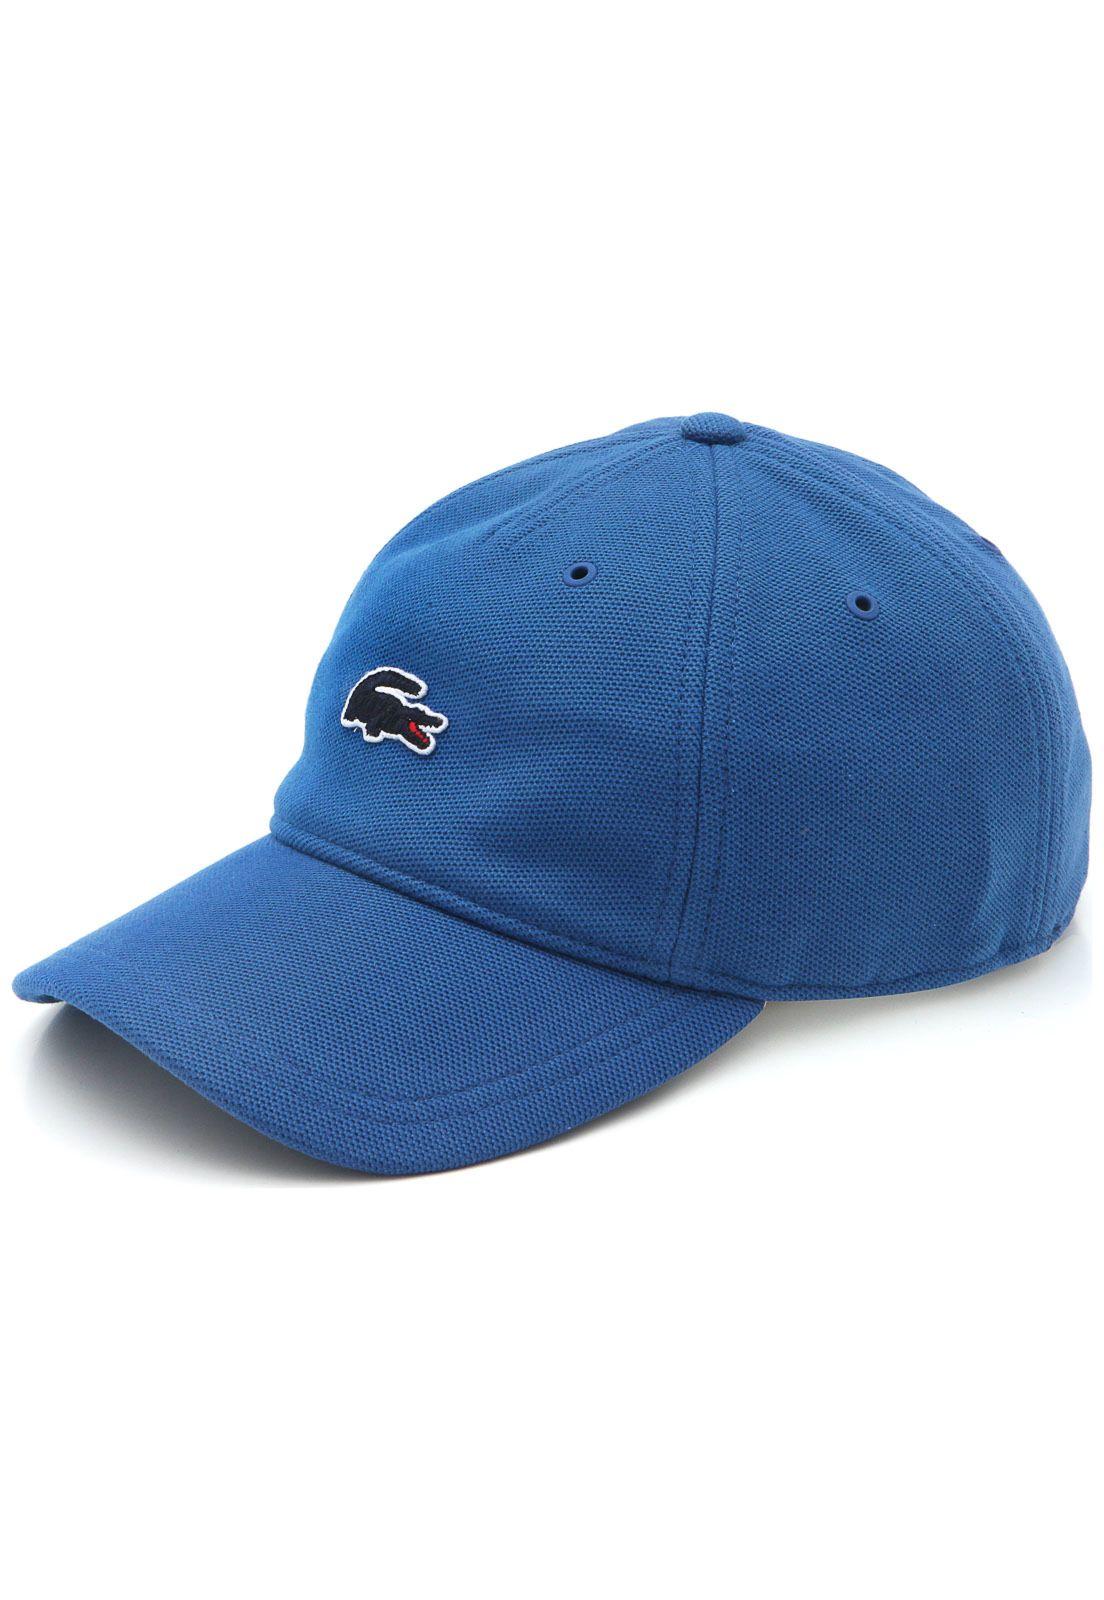 69f7f3d25f765 Boné Lacoste Bordado Azul em 2019